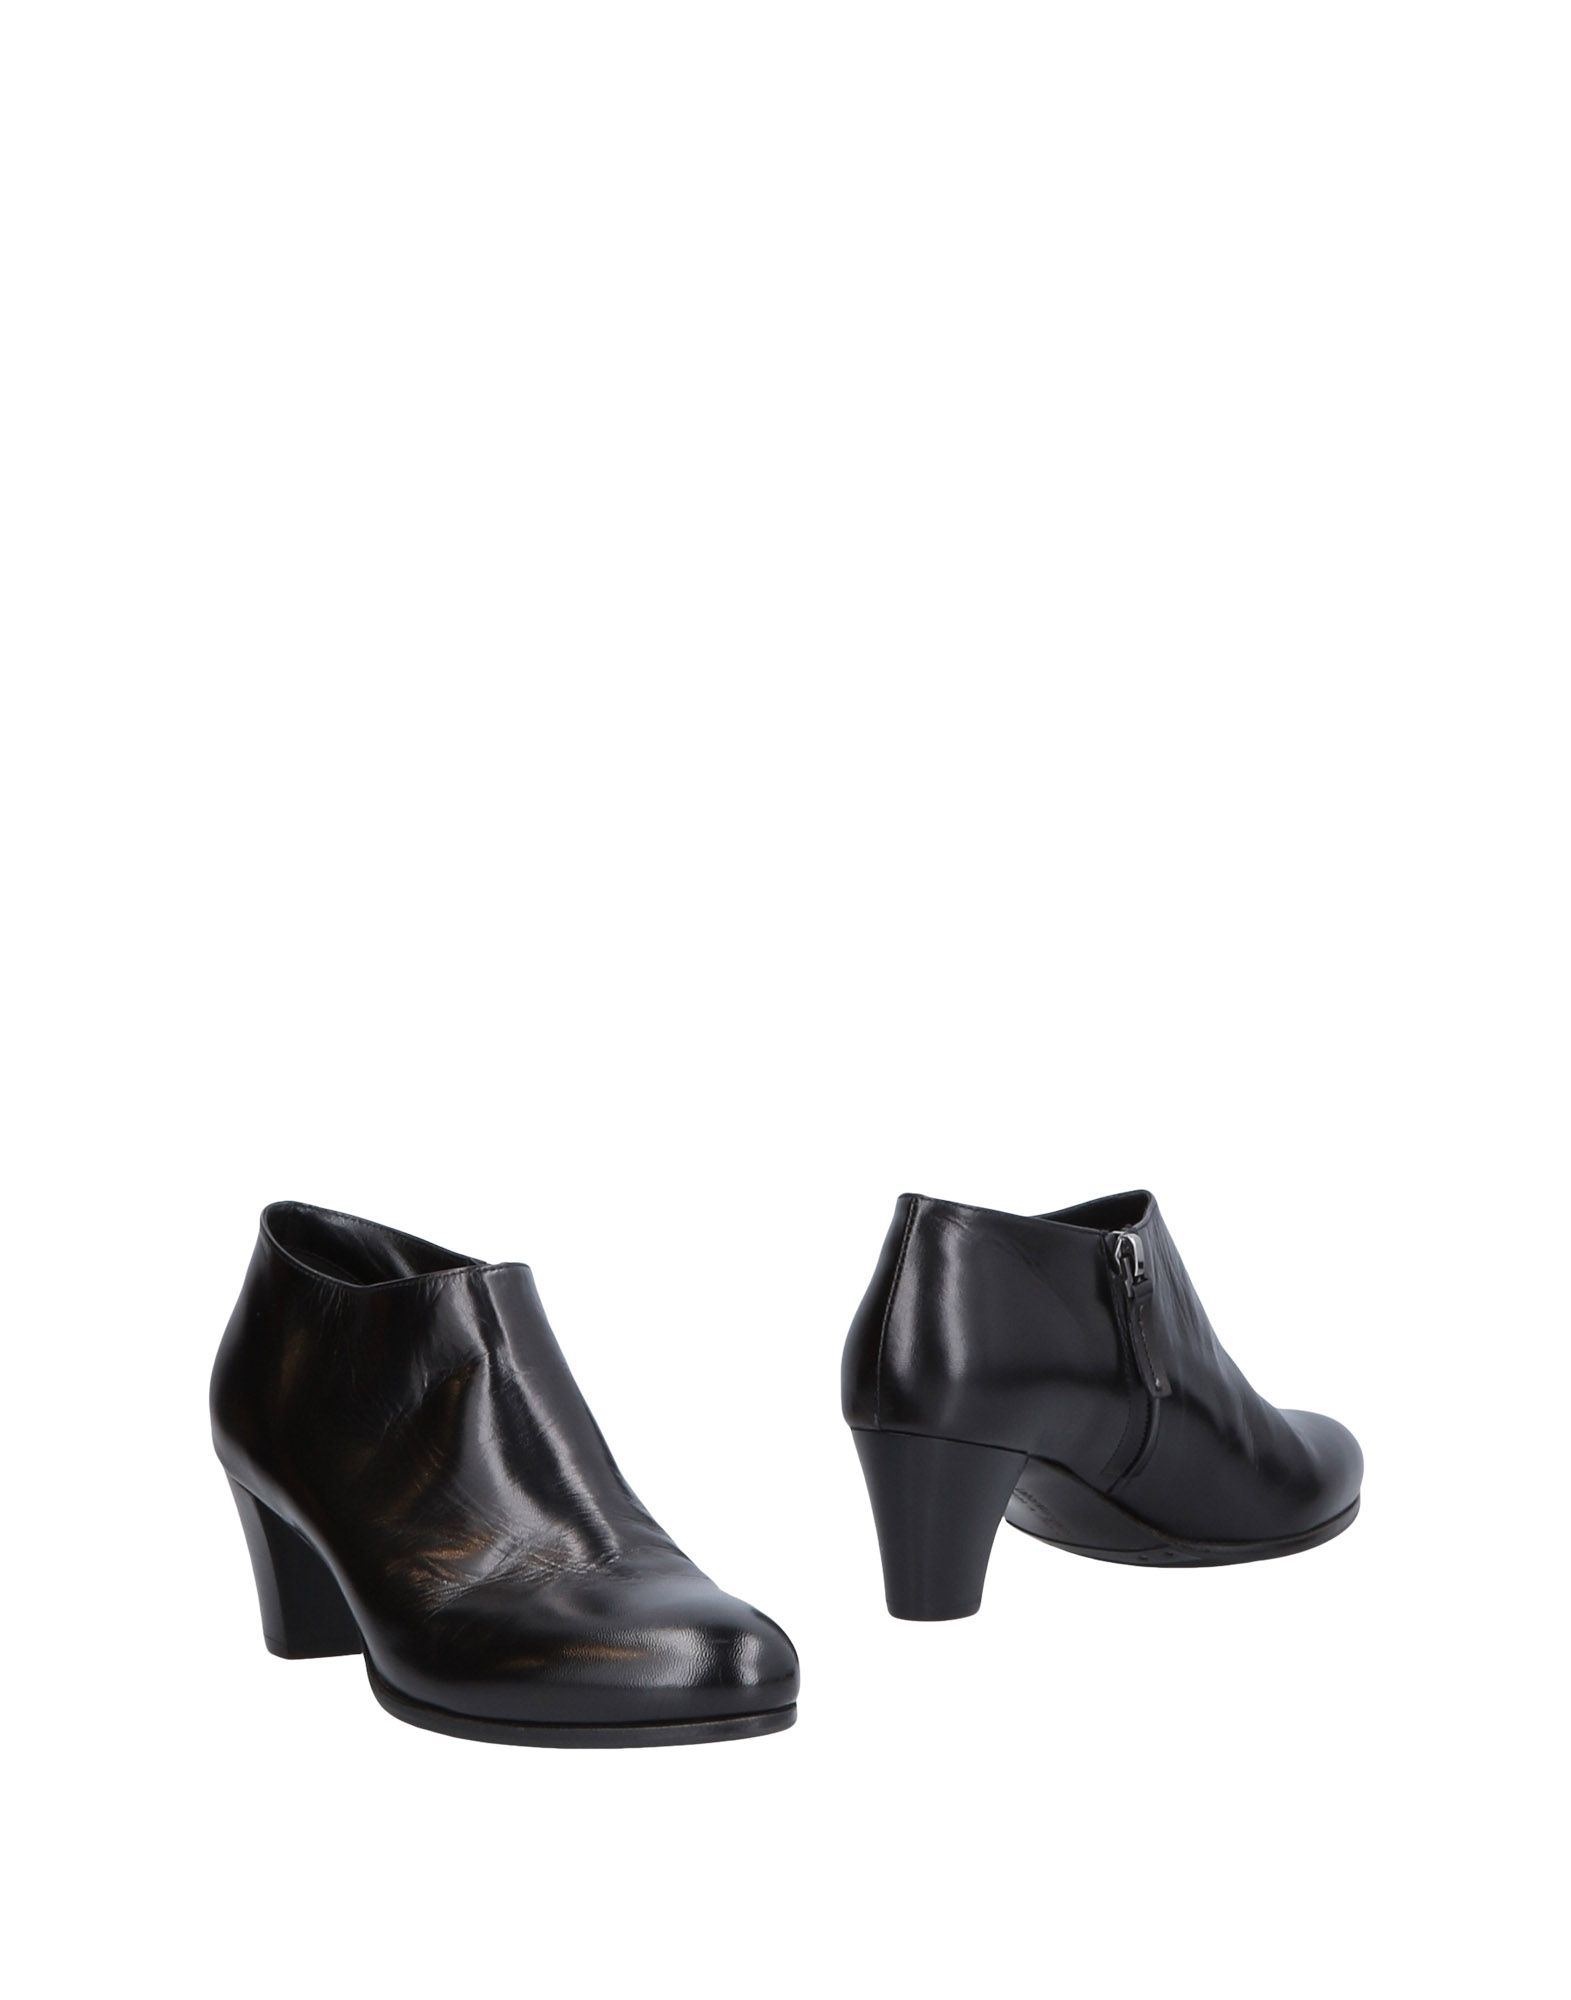 Laboratorigarbo Stiefelette Damen  11461705OXGut aussehende strapazierfähige Schuhe